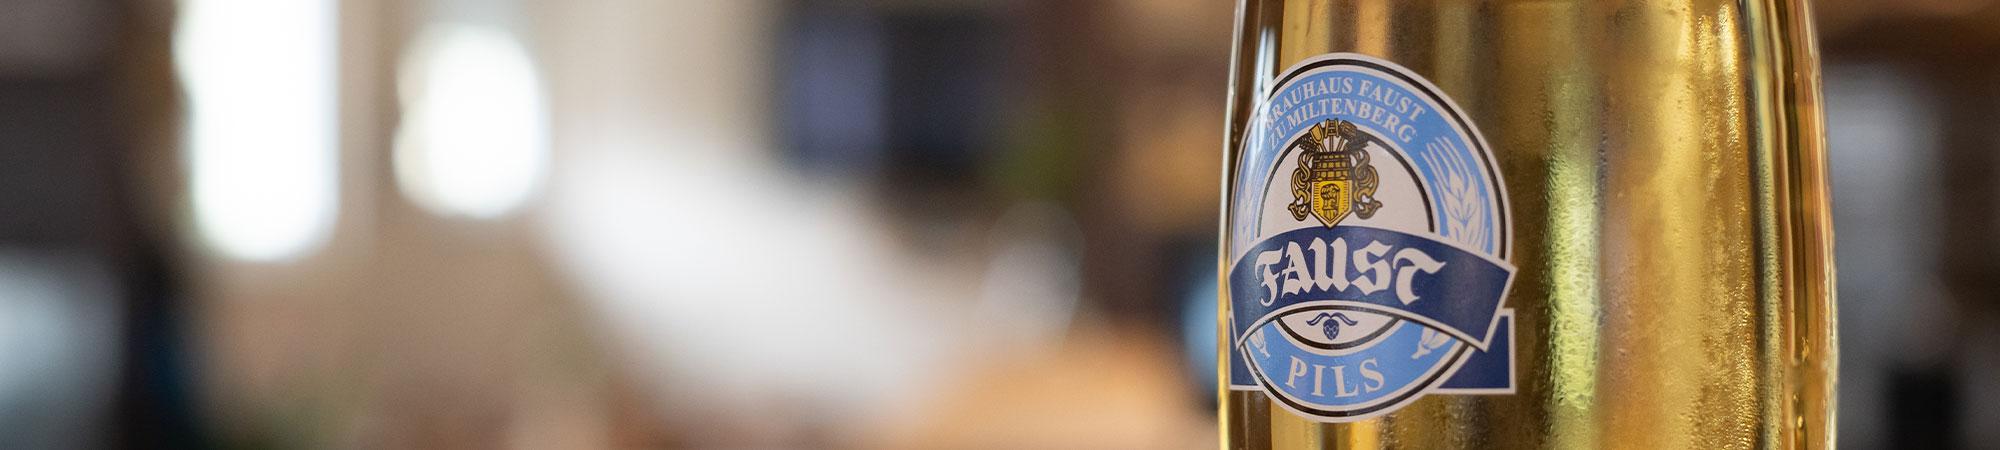 faust pils im bierglas